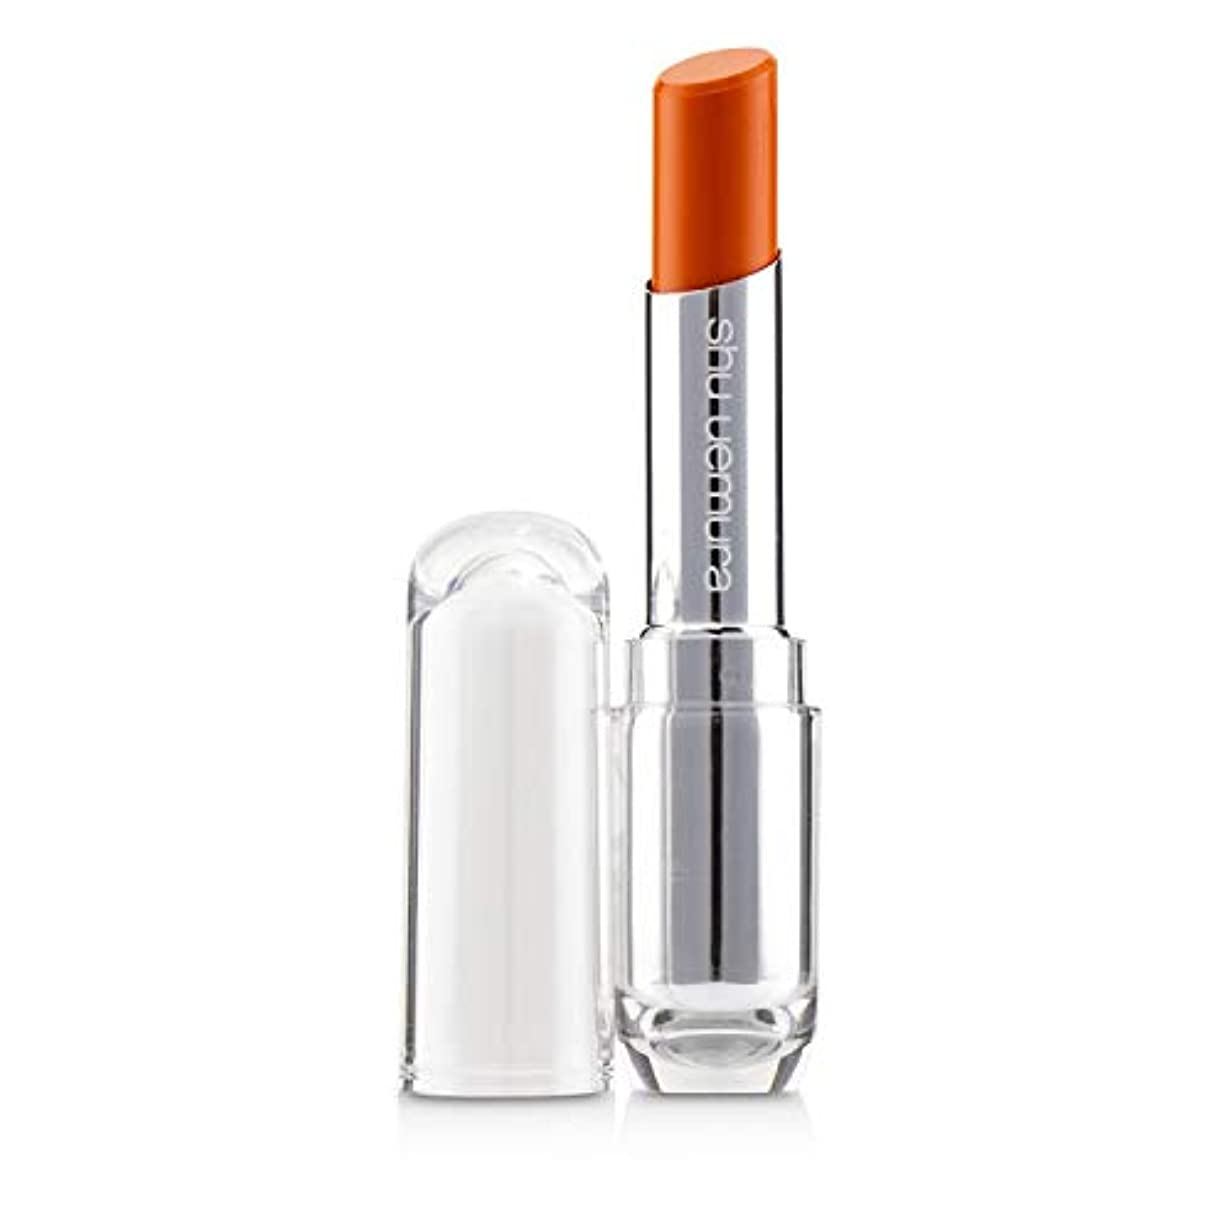 コンパニオン日記不格好シュウウエムラ Rouge Unlimited Sheer Shine Lipstick - # S OR 550 3.2g/0.01oz並行輸入品